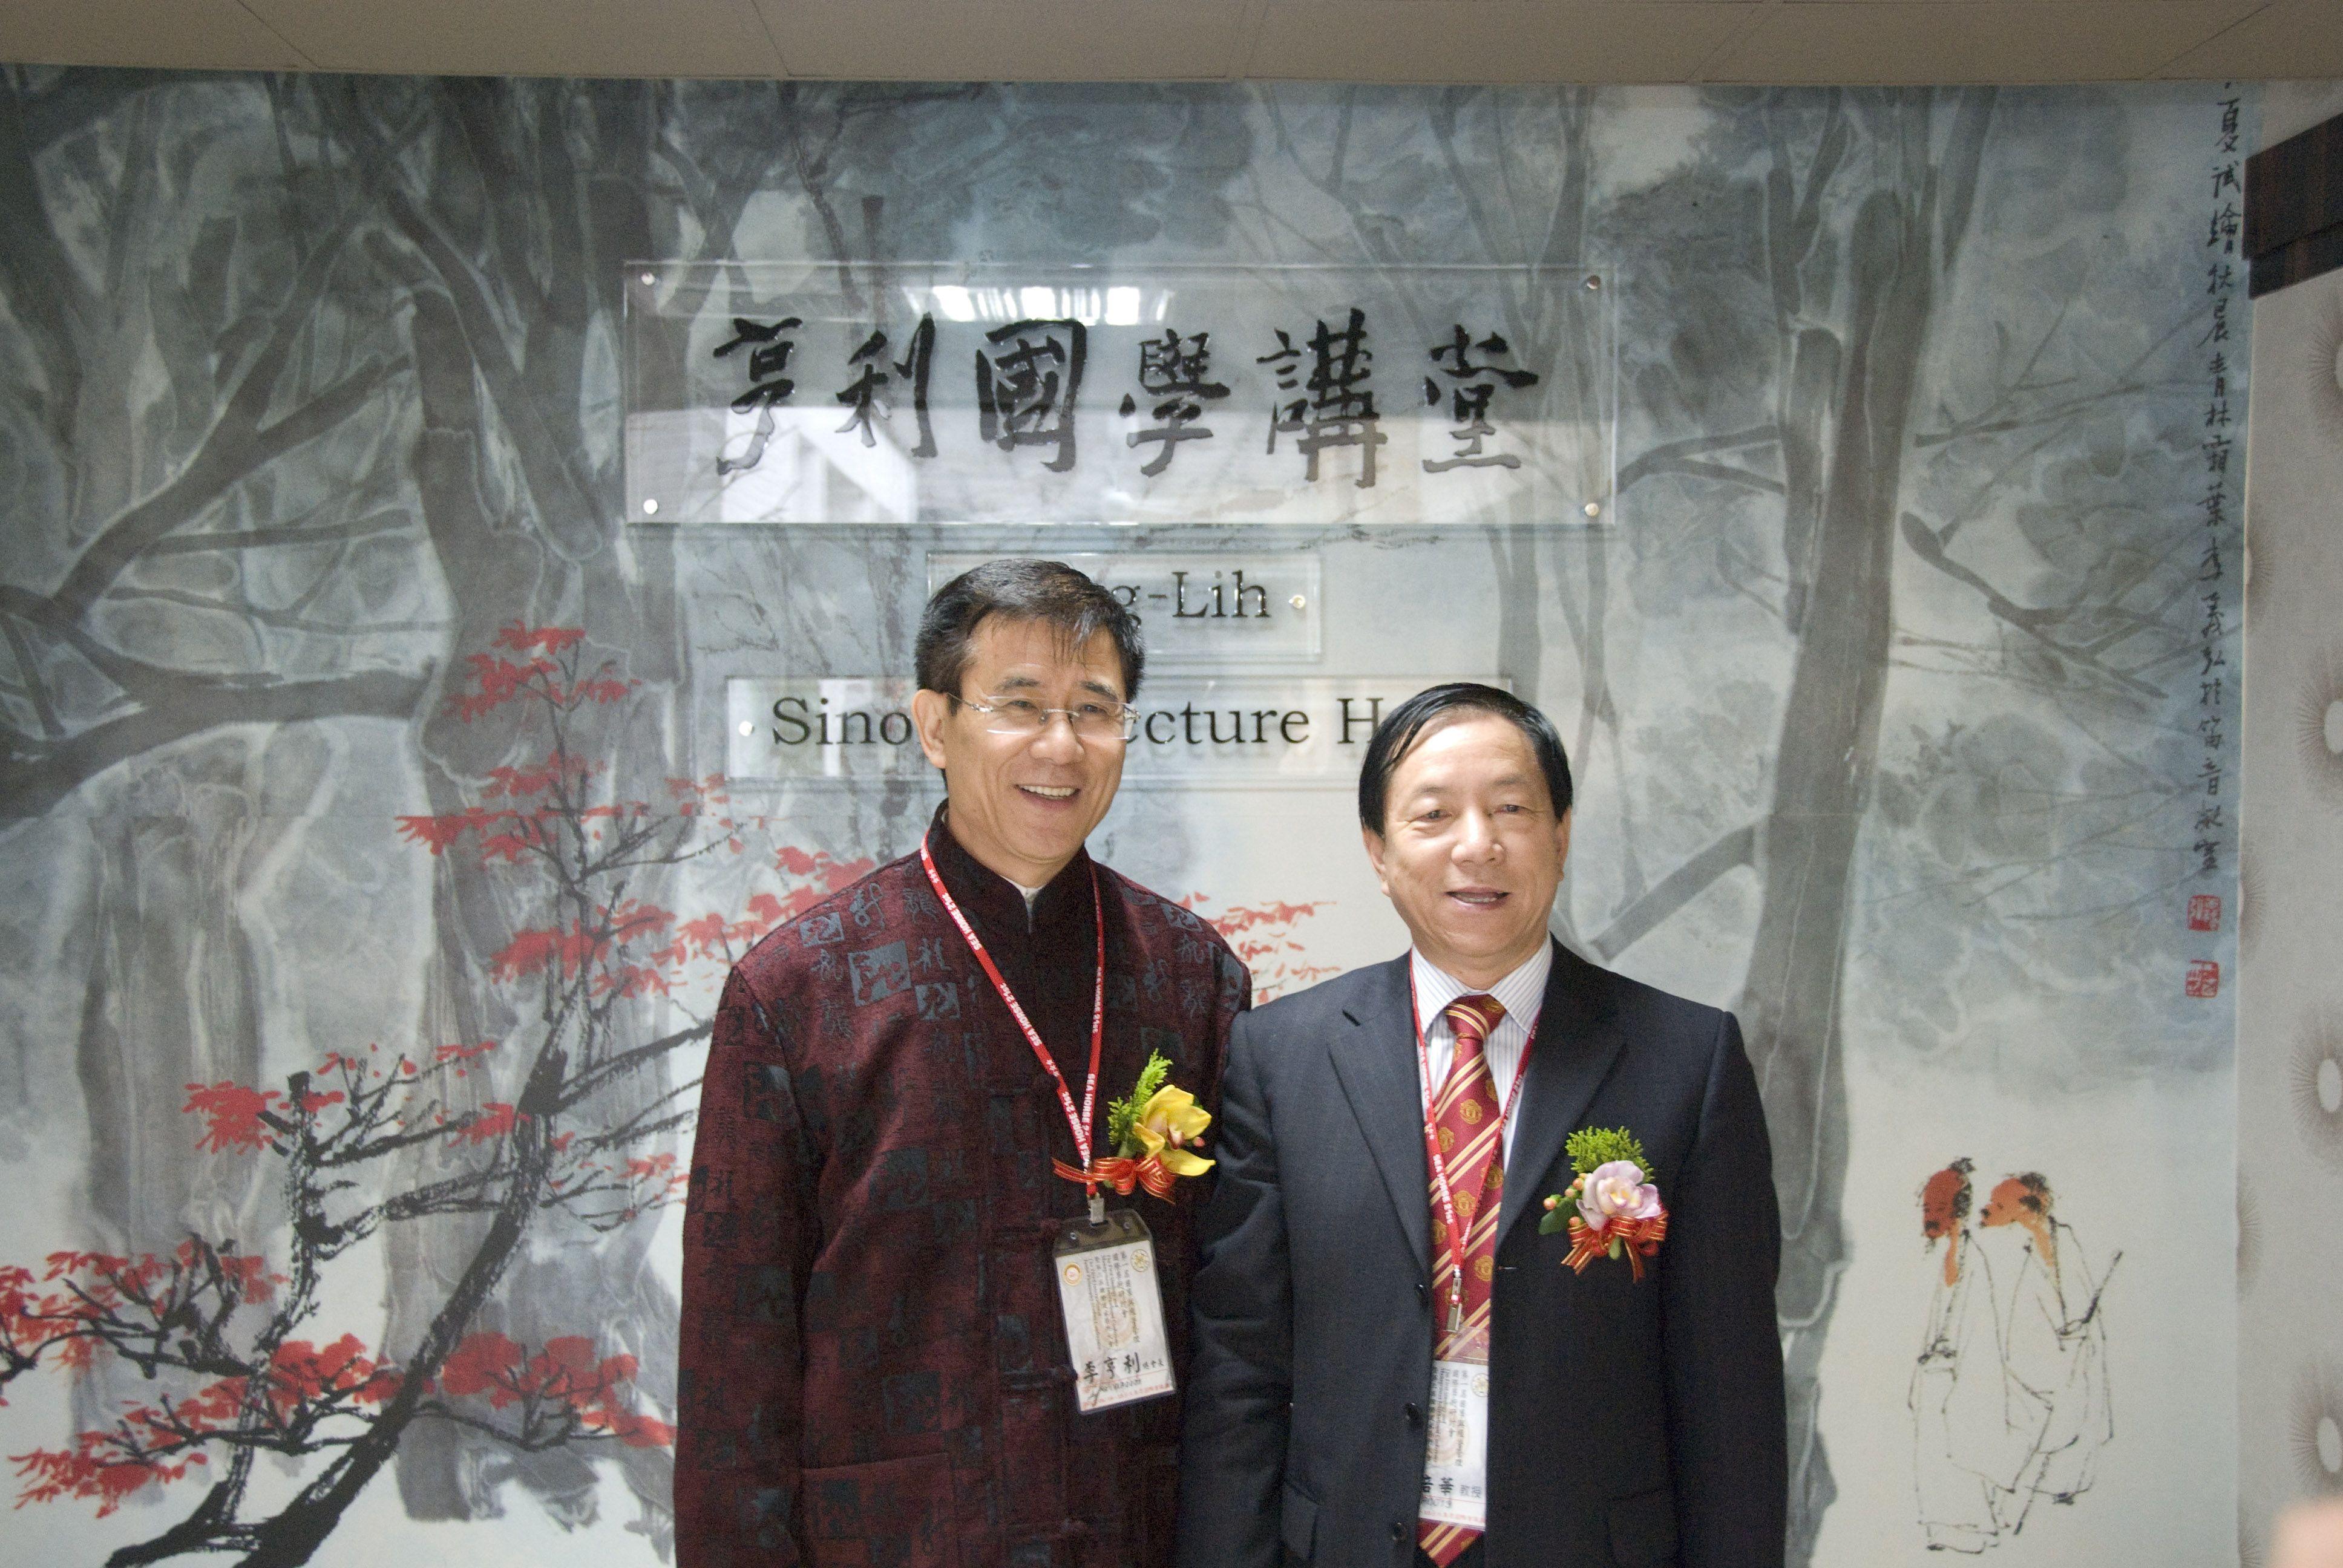 總會長 李亨利博士與徐培華 教授